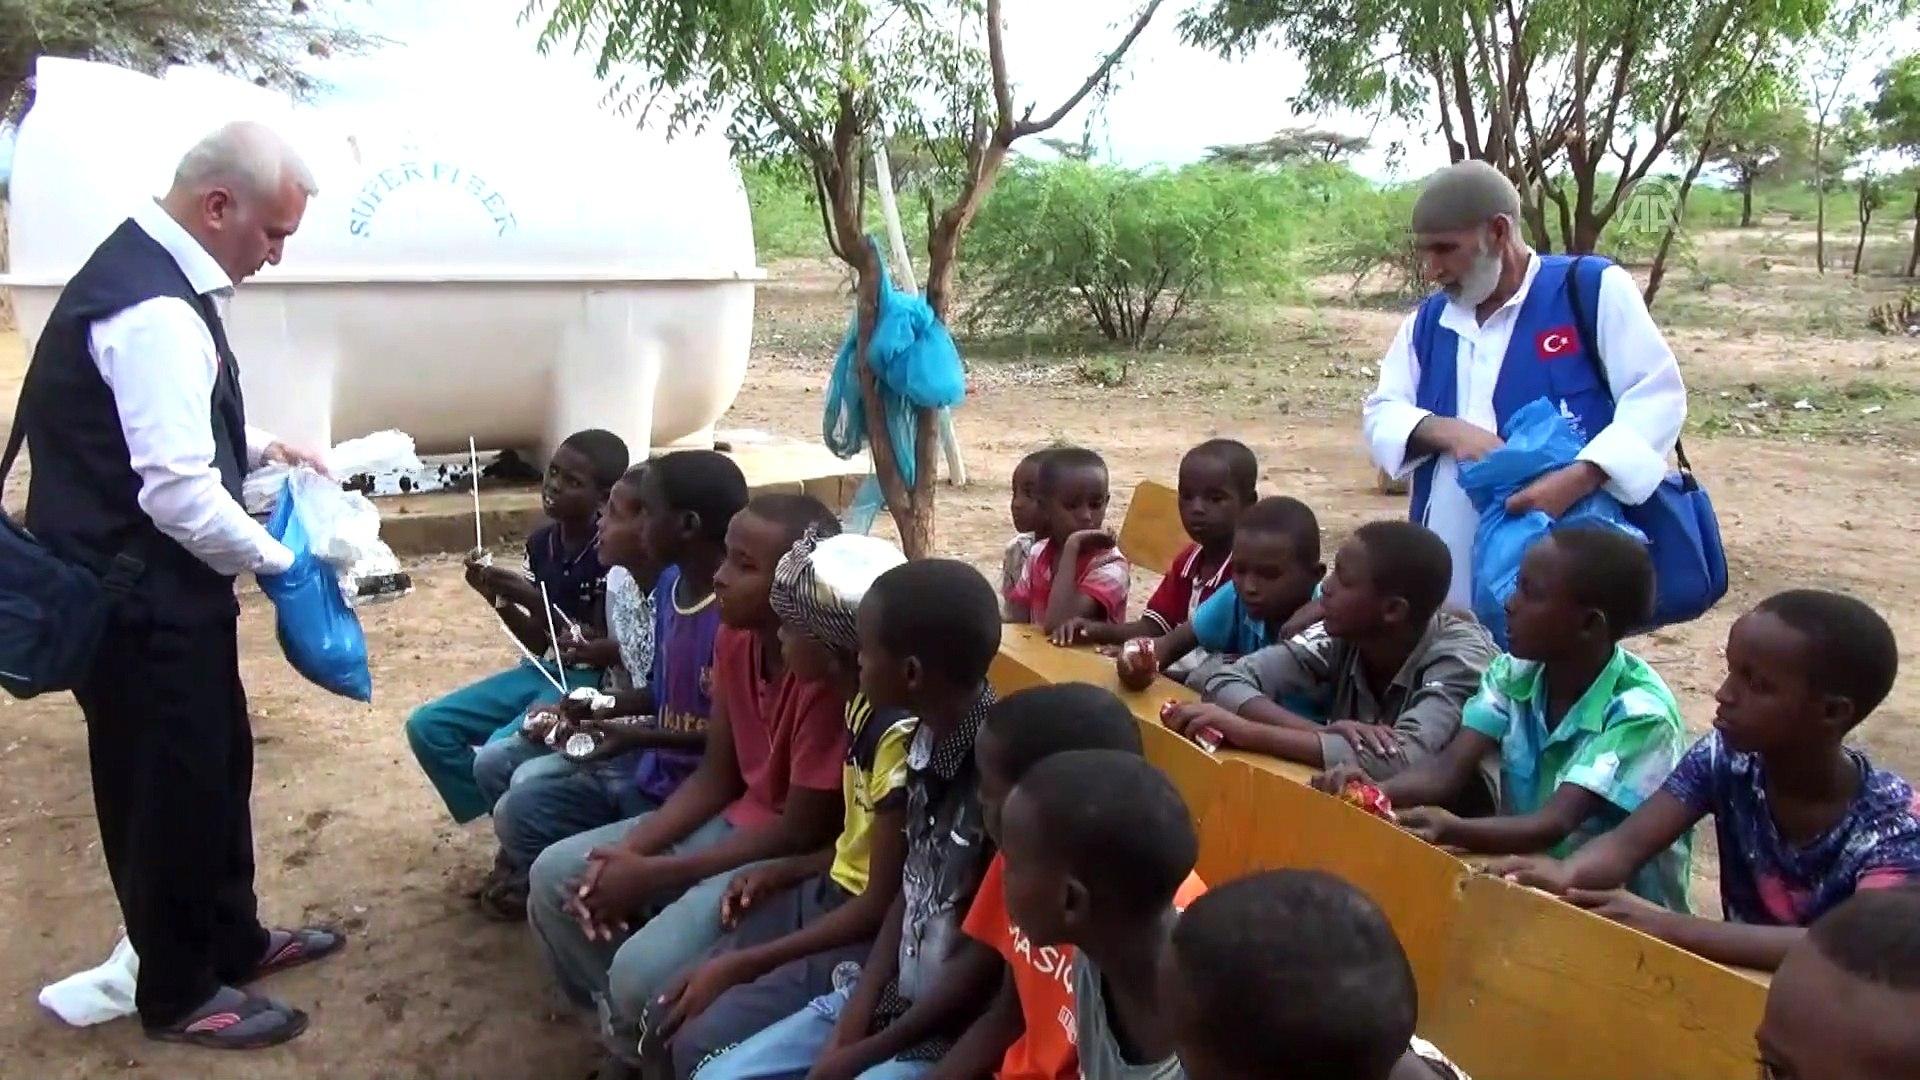 Savaş mağduru Somalili yetimlere Türkiye'den yardım eli - ADDİS ABABA